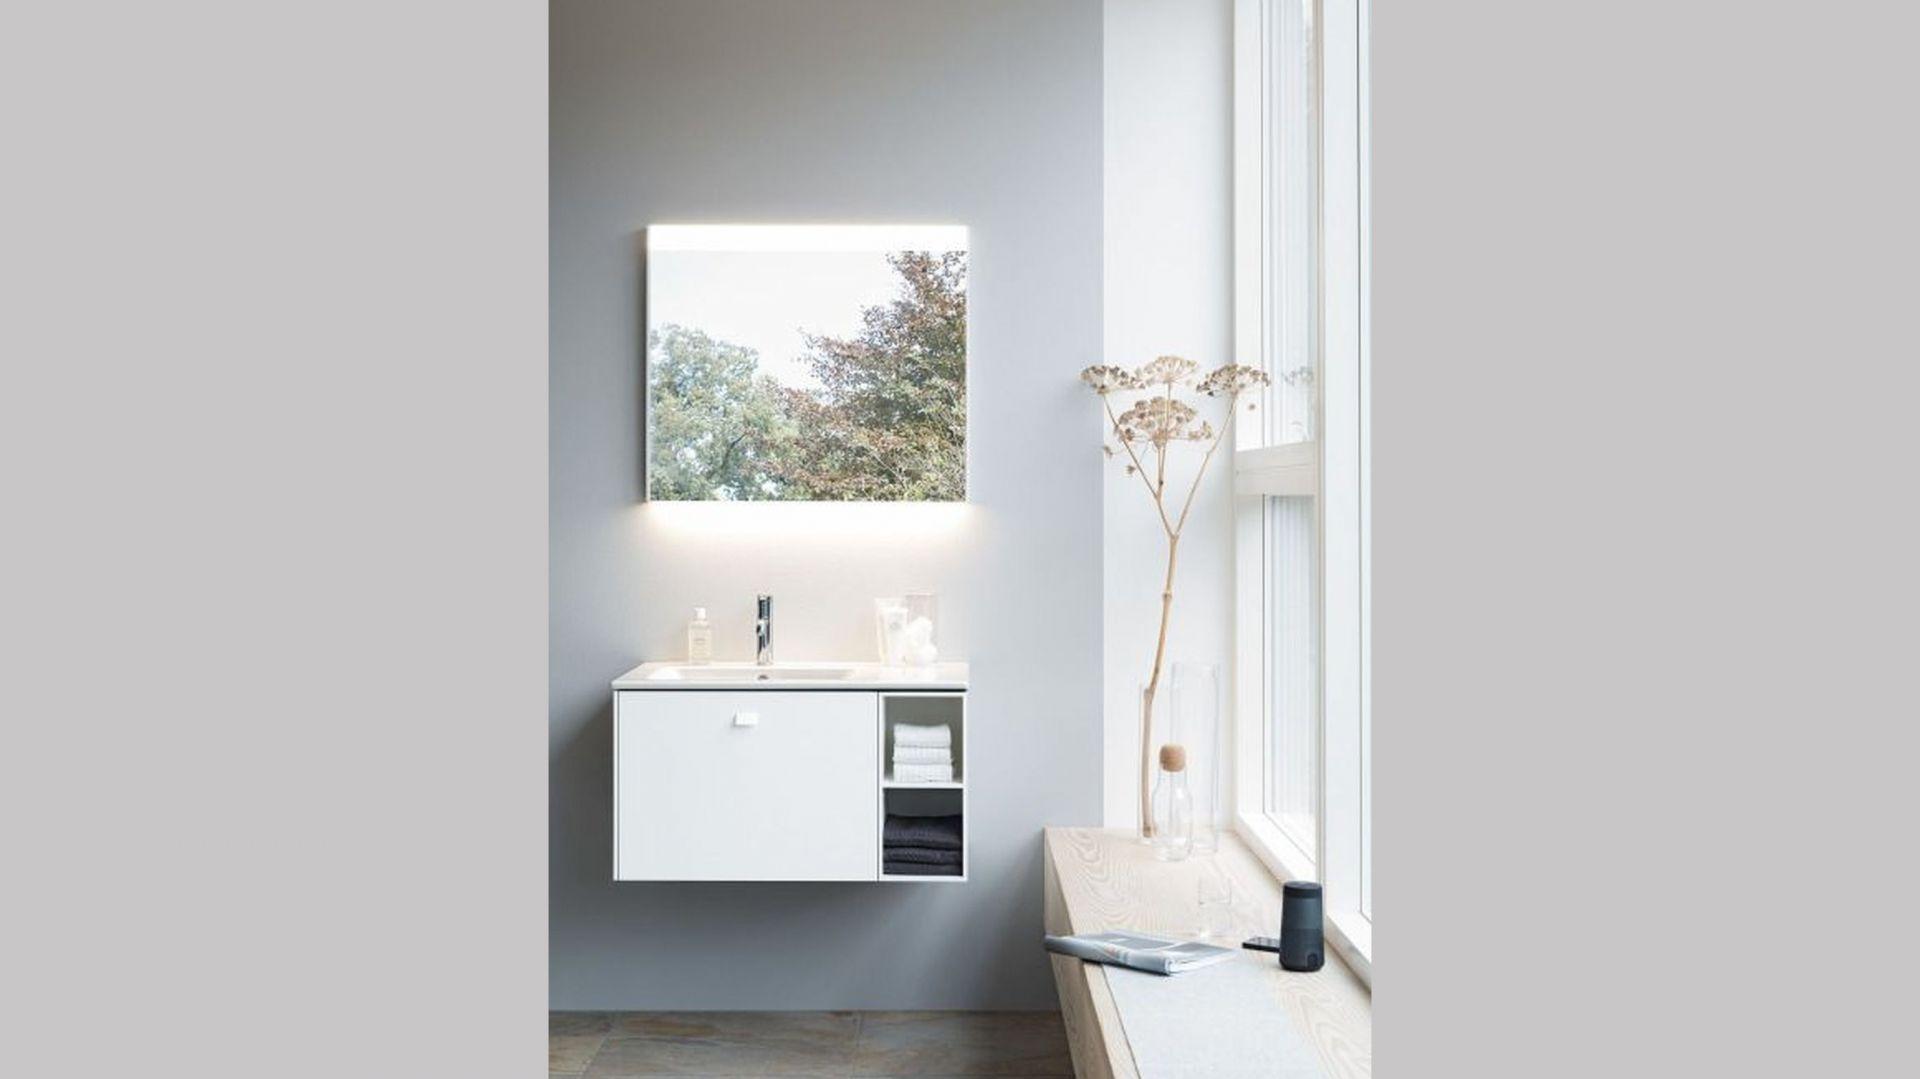 Wysokiej jakości meble łazienkowe z lakierowanymi na wysoki połysk powierzchniami, które odbijają światło, to kolejna inteligentna opcja dla stworzenia wrażenia większej łazienki. Fot. Duravit